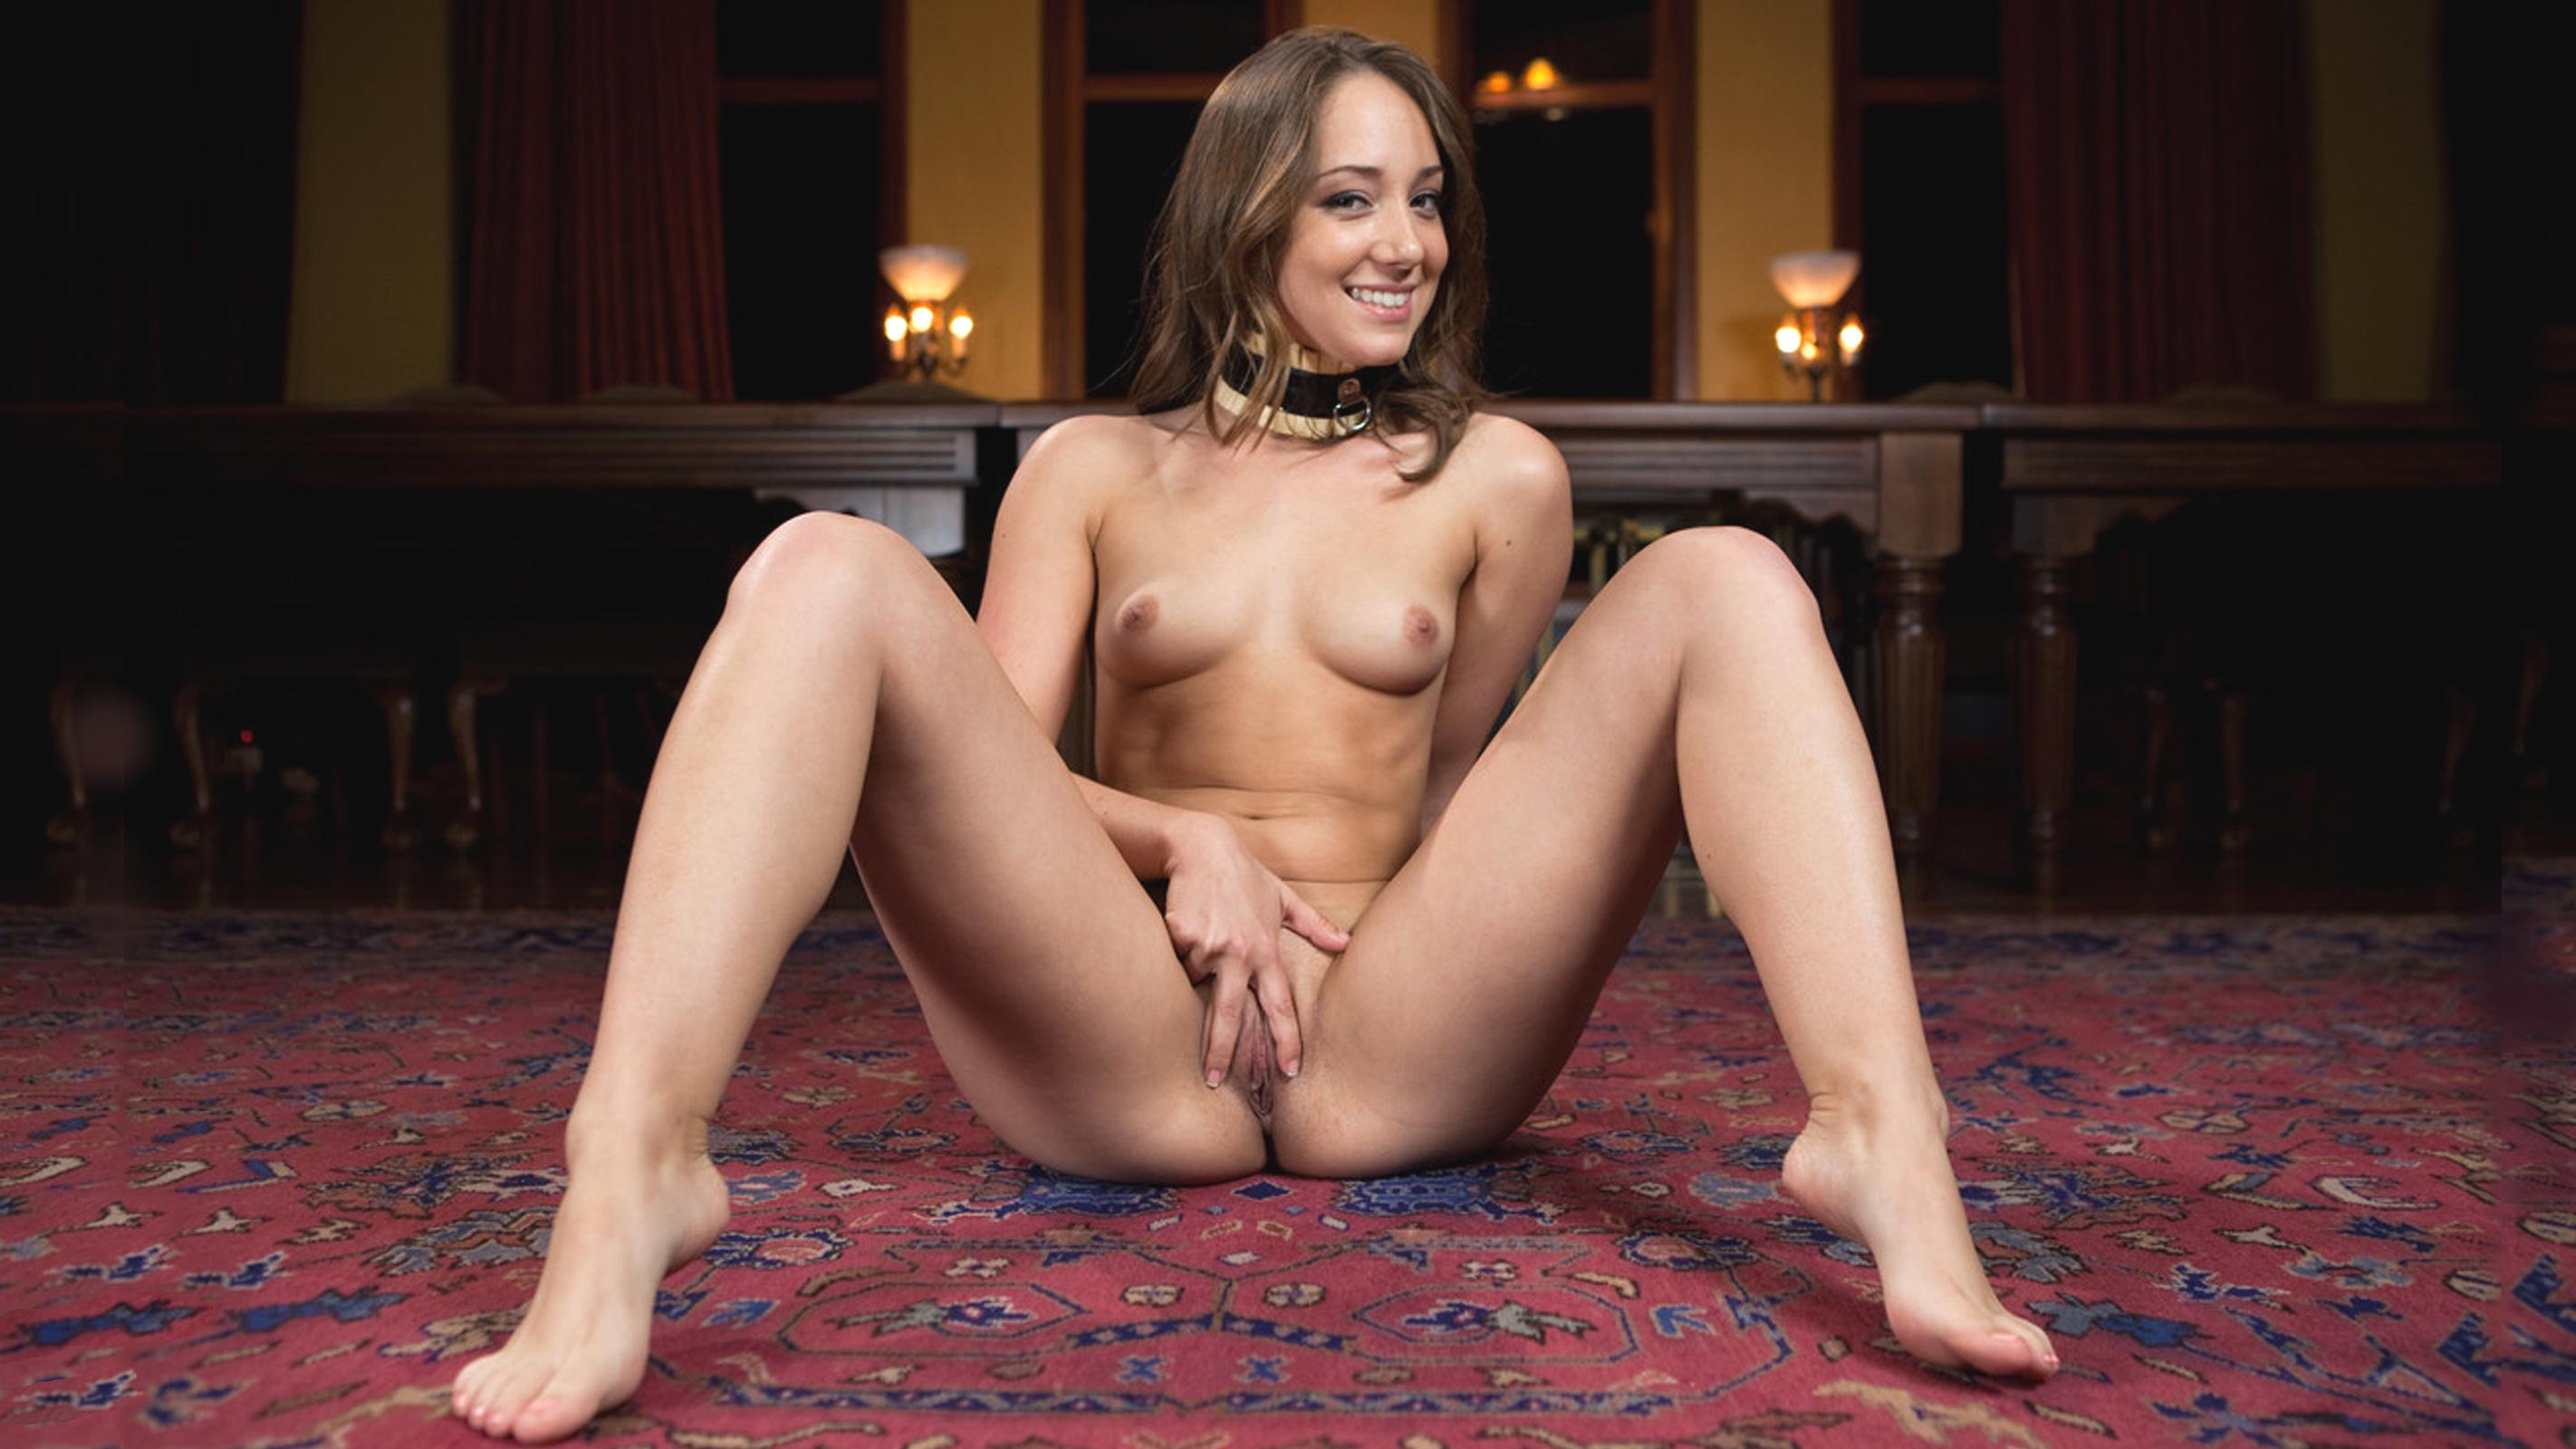 cute latina milf nude